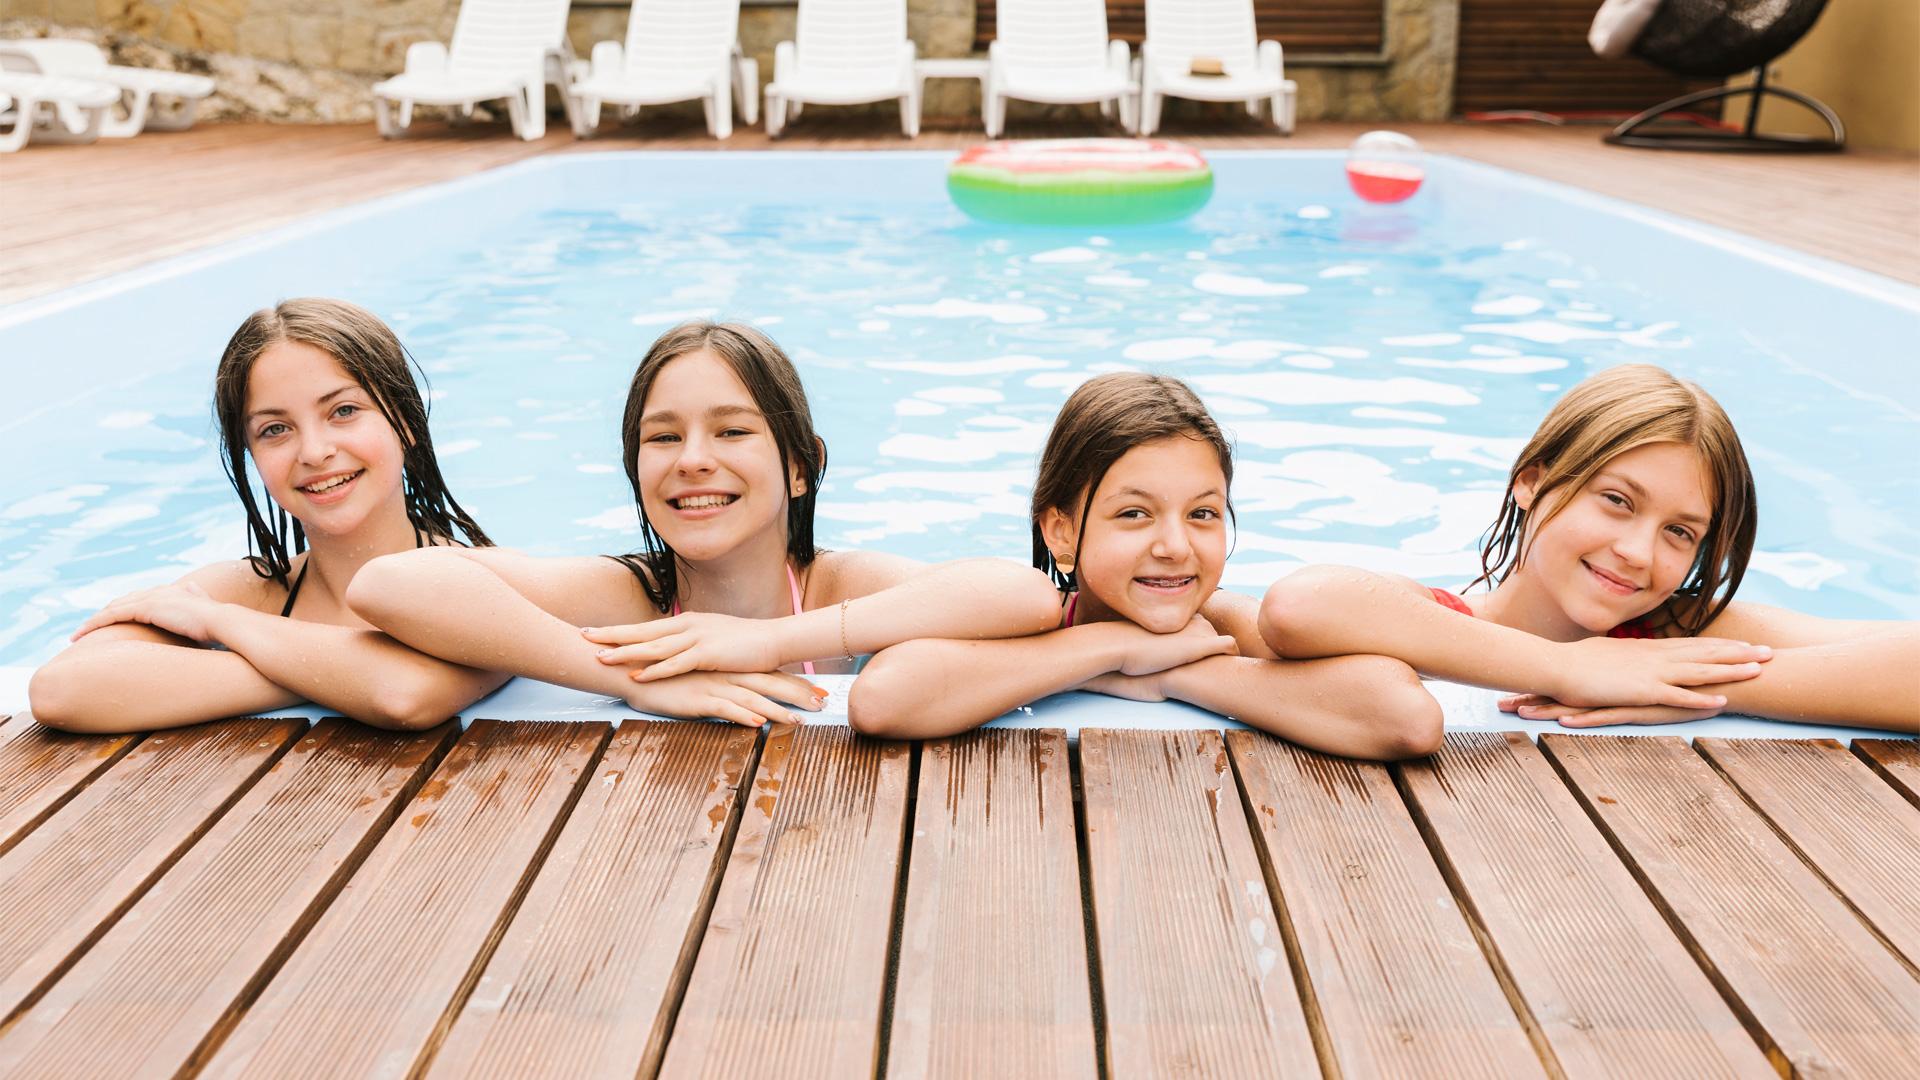 Segurança nas piscinas - cuidados a ter